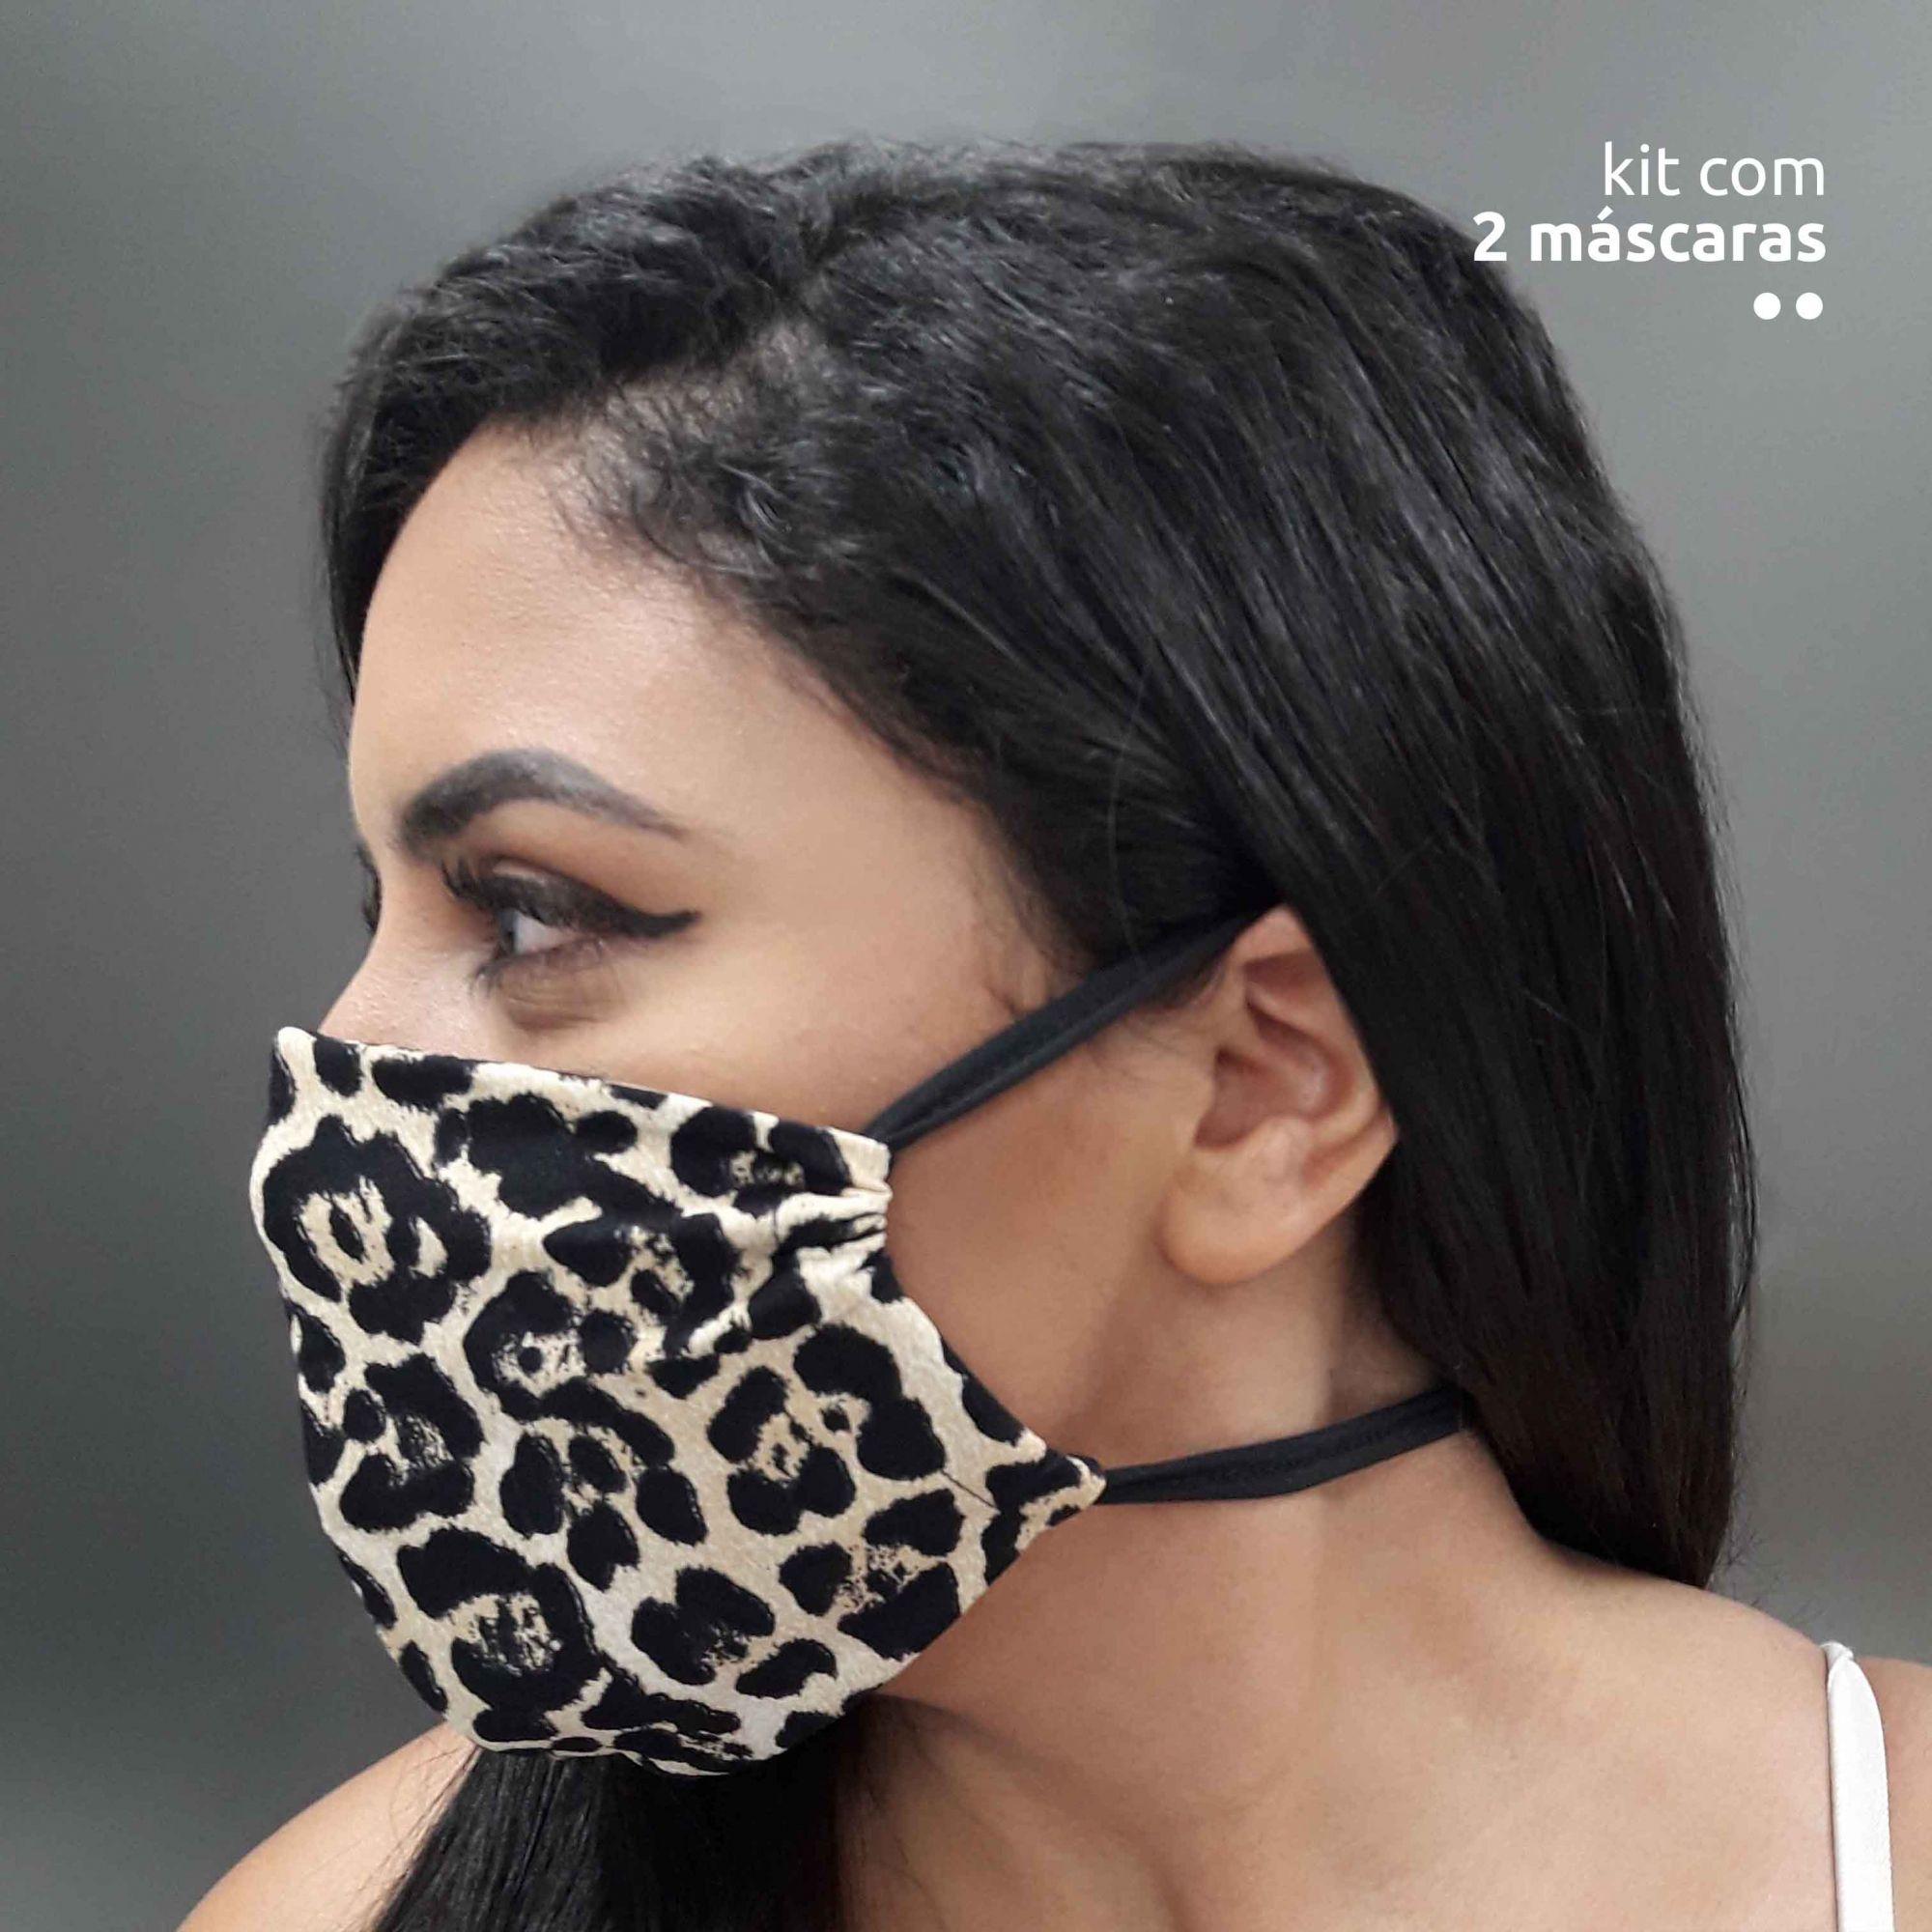 KIT 2 máscaras fashion - Estampa oncinha